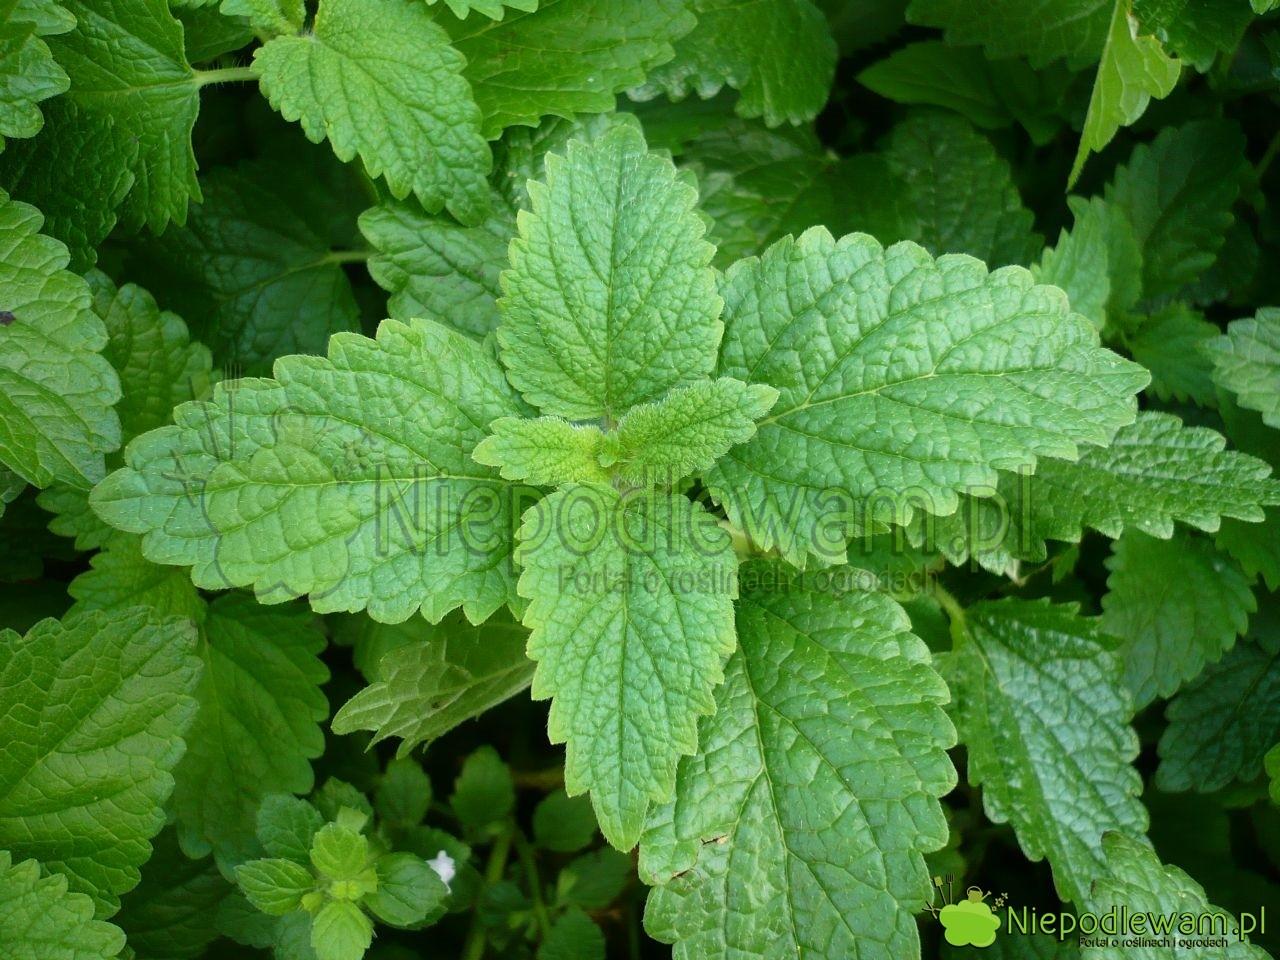 Melisa lekarska ma liście podobne do mięty. Pachnie mocno, z nutami mięty i cytryny. Fot. Niepodlewam